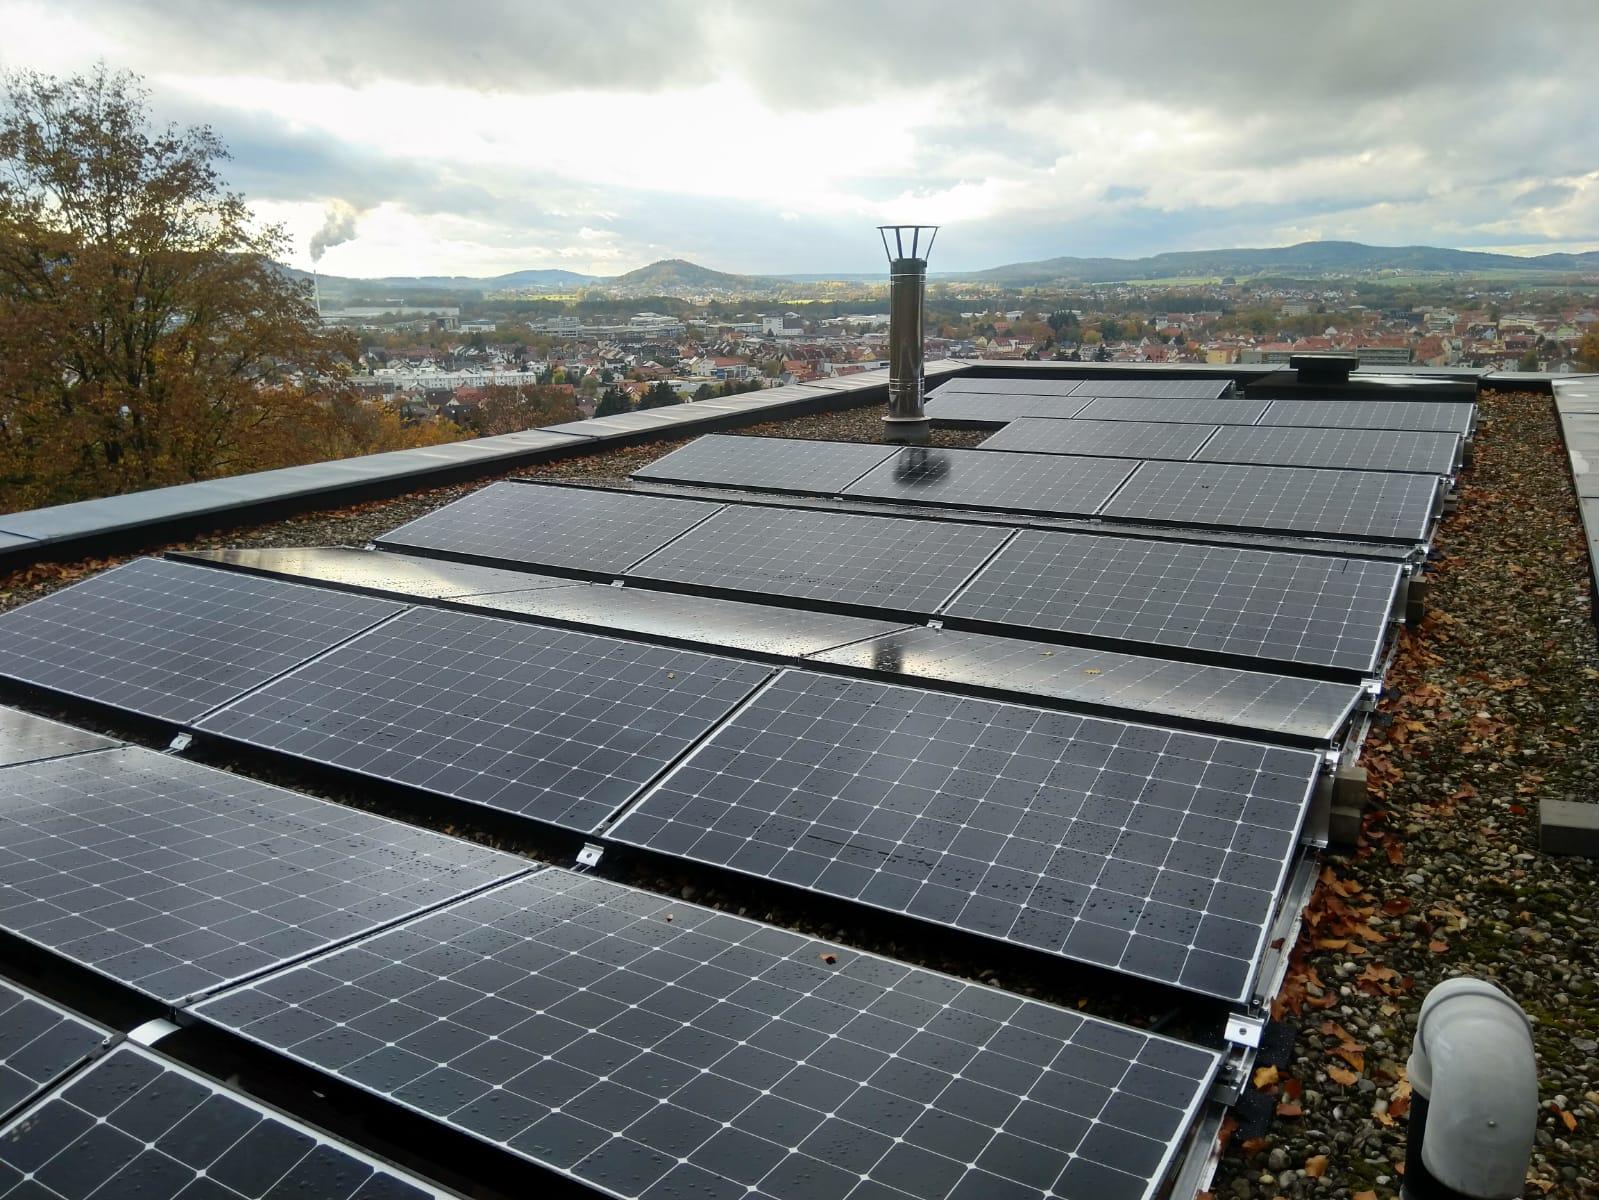 Solarpflicht in Bayern